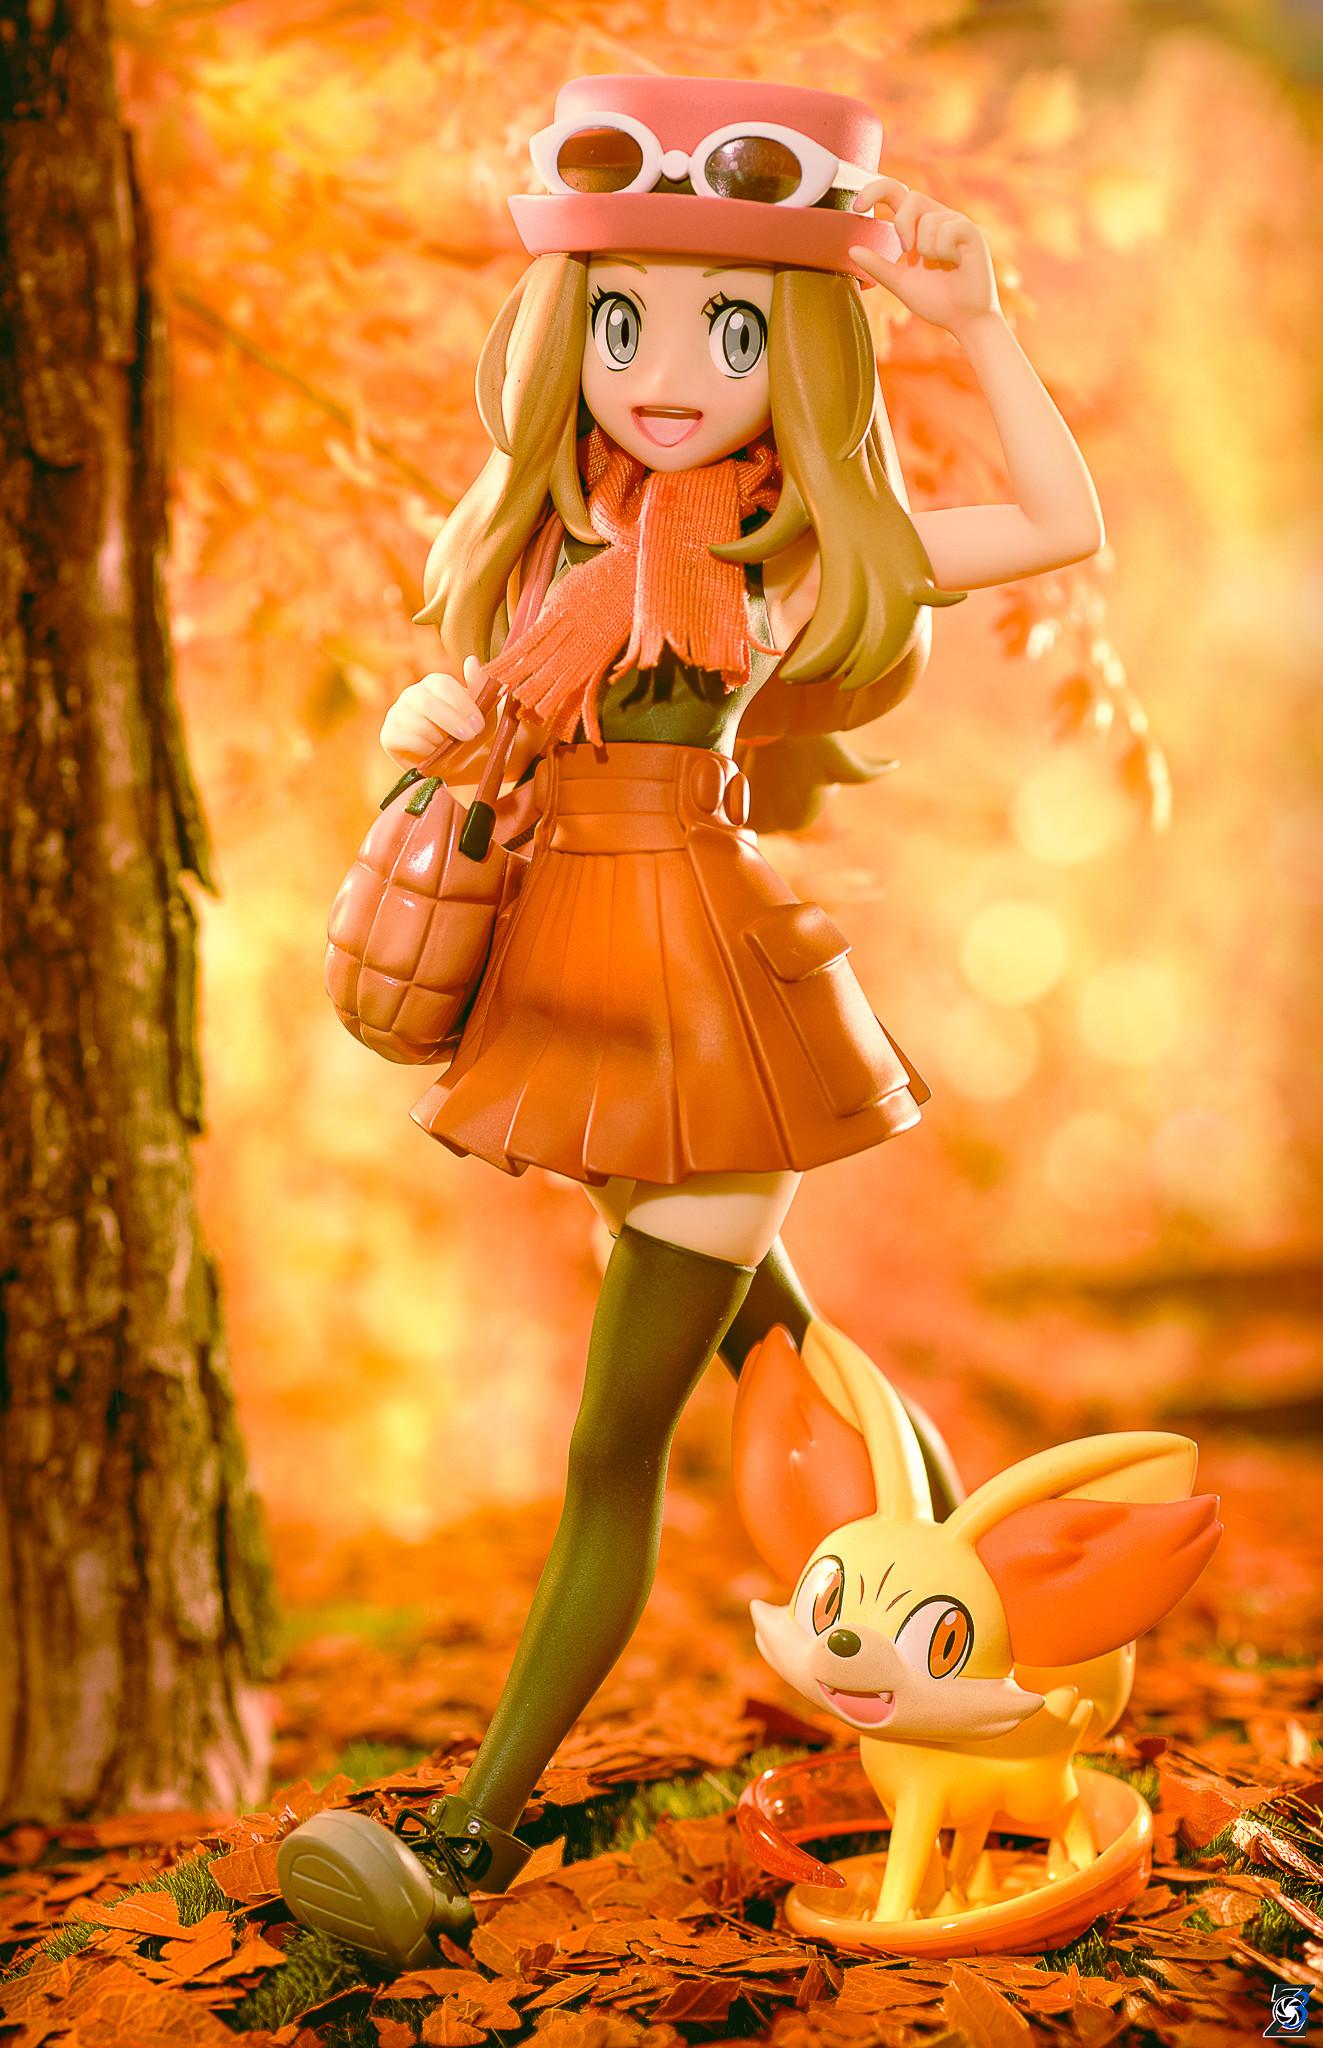 Pokémon love autumn?